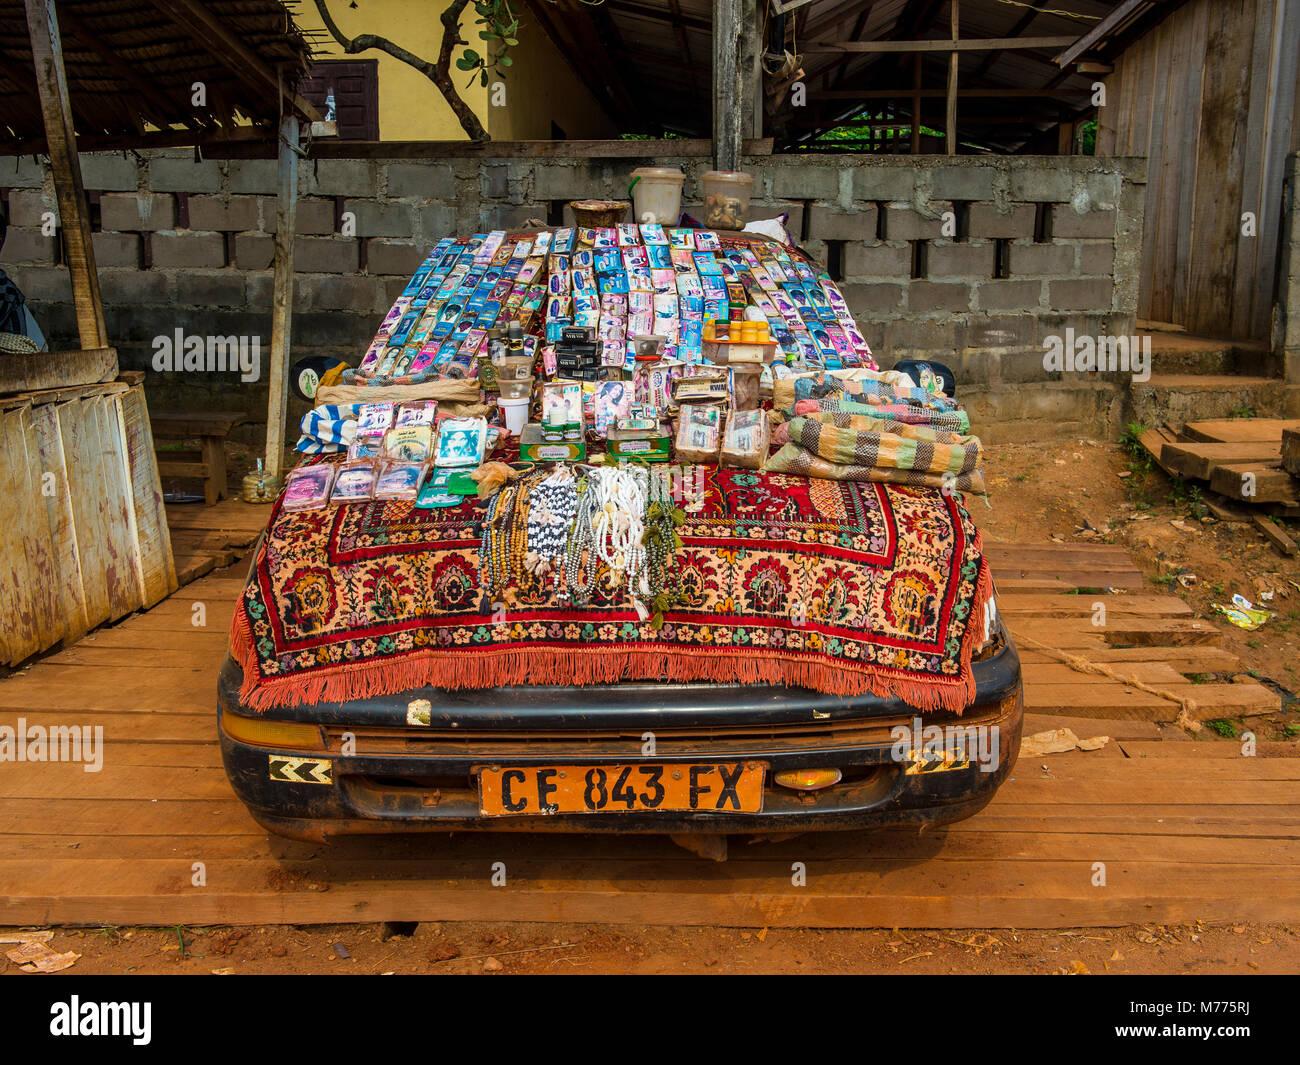 Almacén local en un coche, Libongo, profundo en la selva, Camerún, África Imagen De Stock